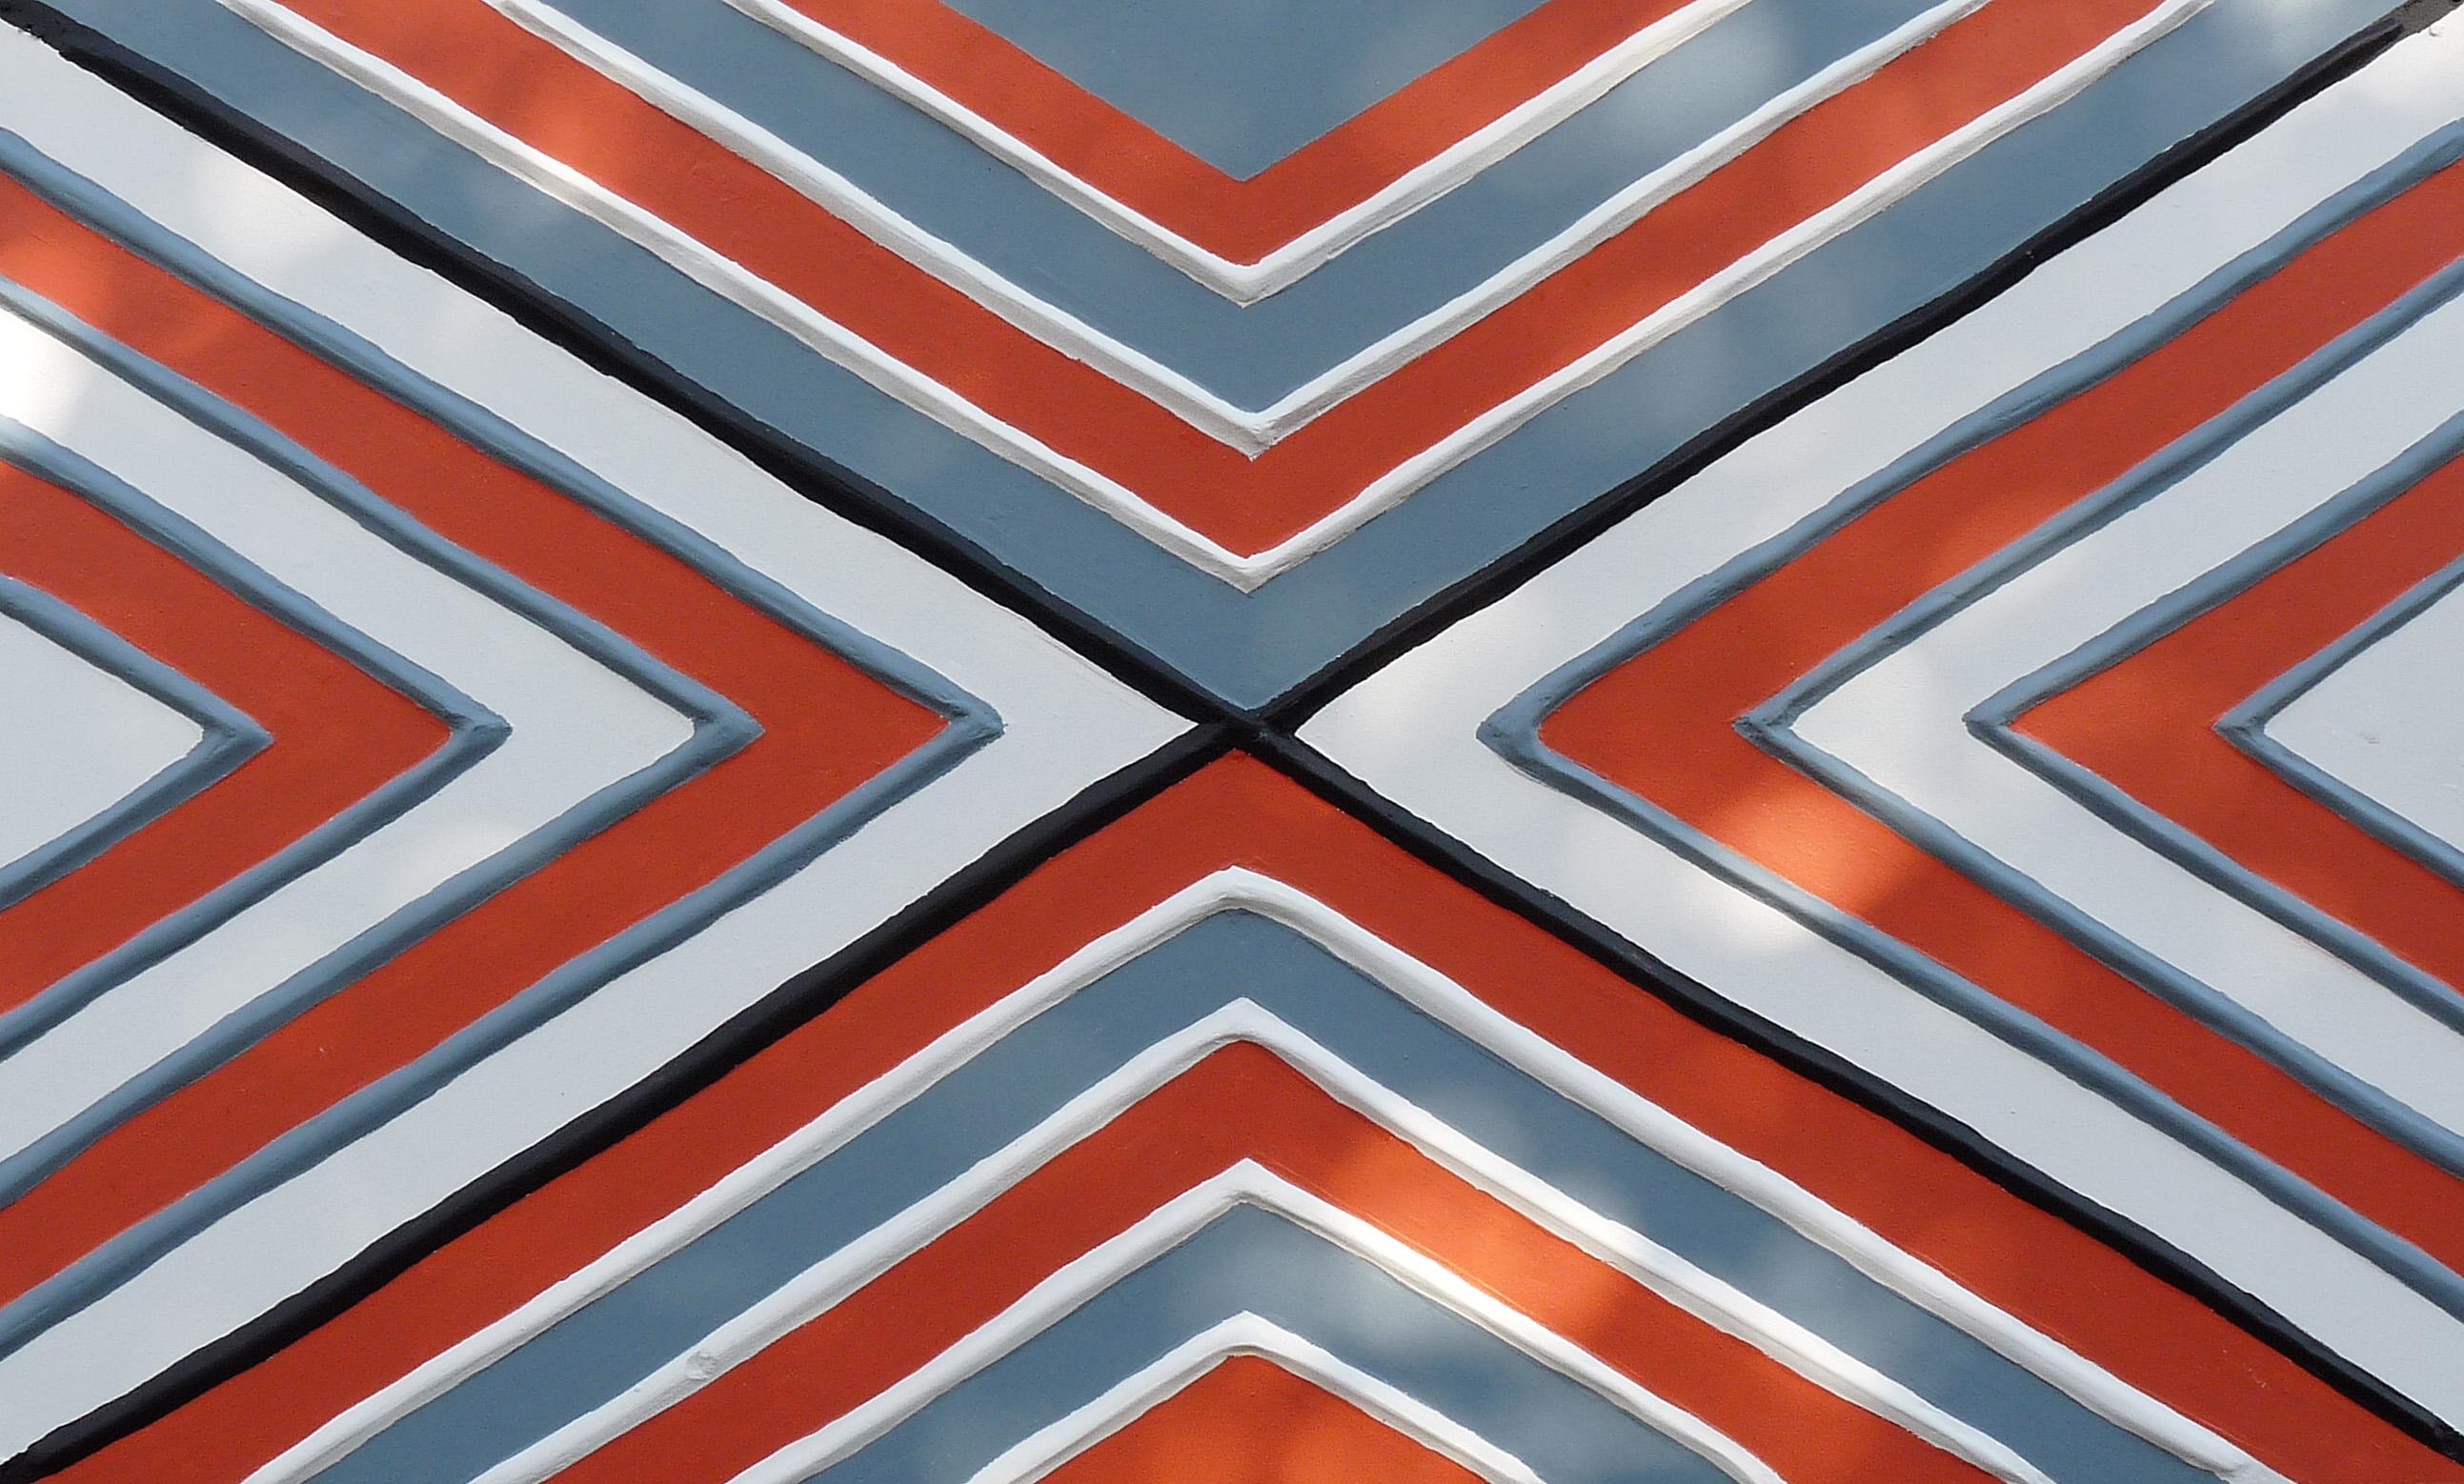 File:Imigongo traditional patterns (3).jpg - Wikimedia Commons